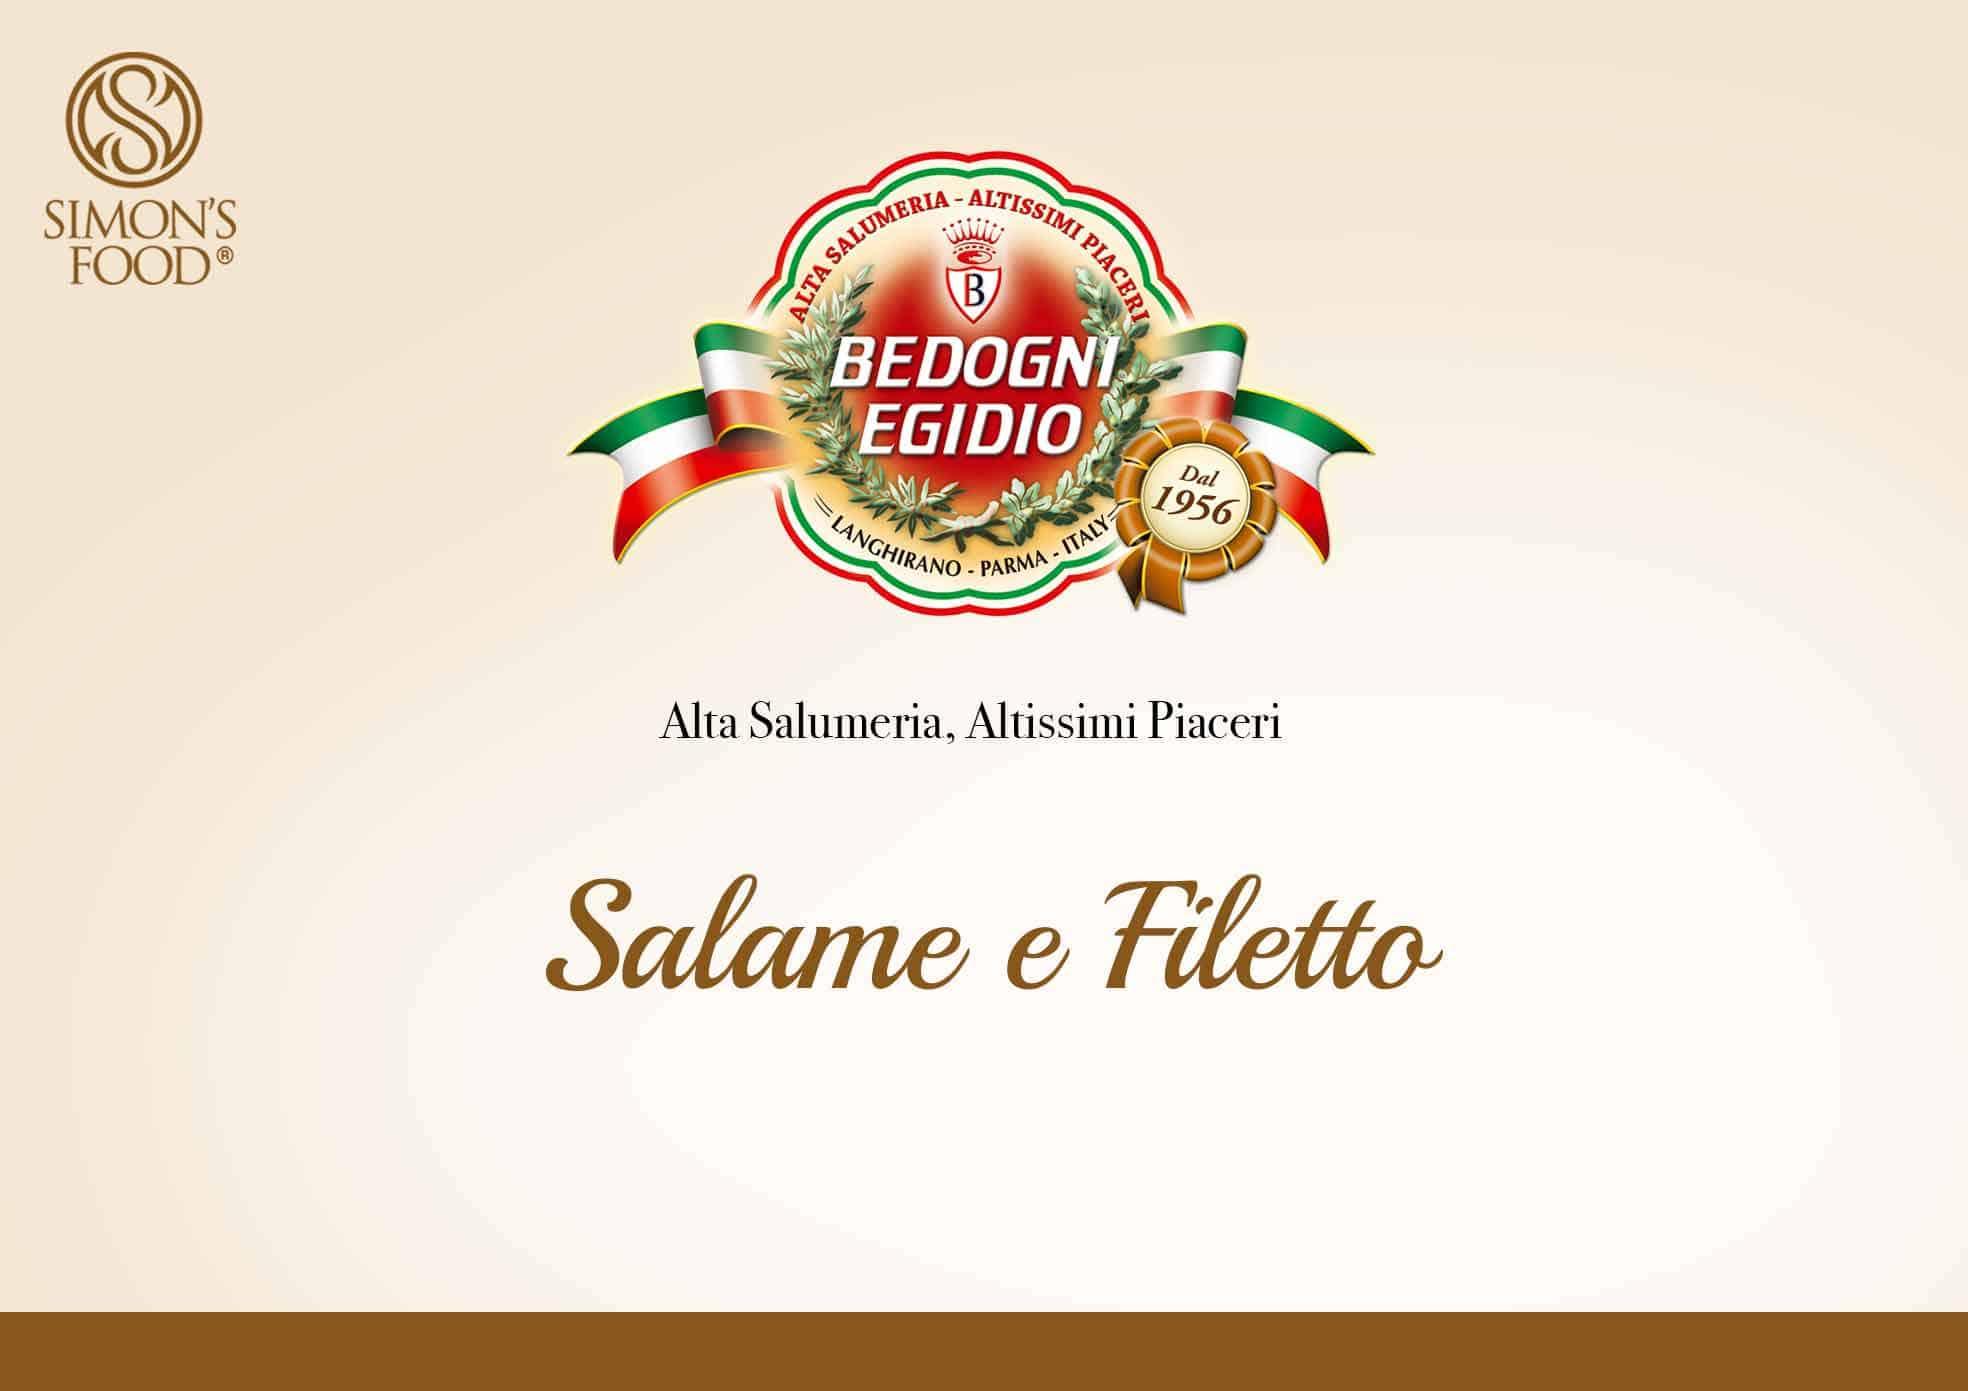 Salame e Filetto - Prosciuttificio Bedogni